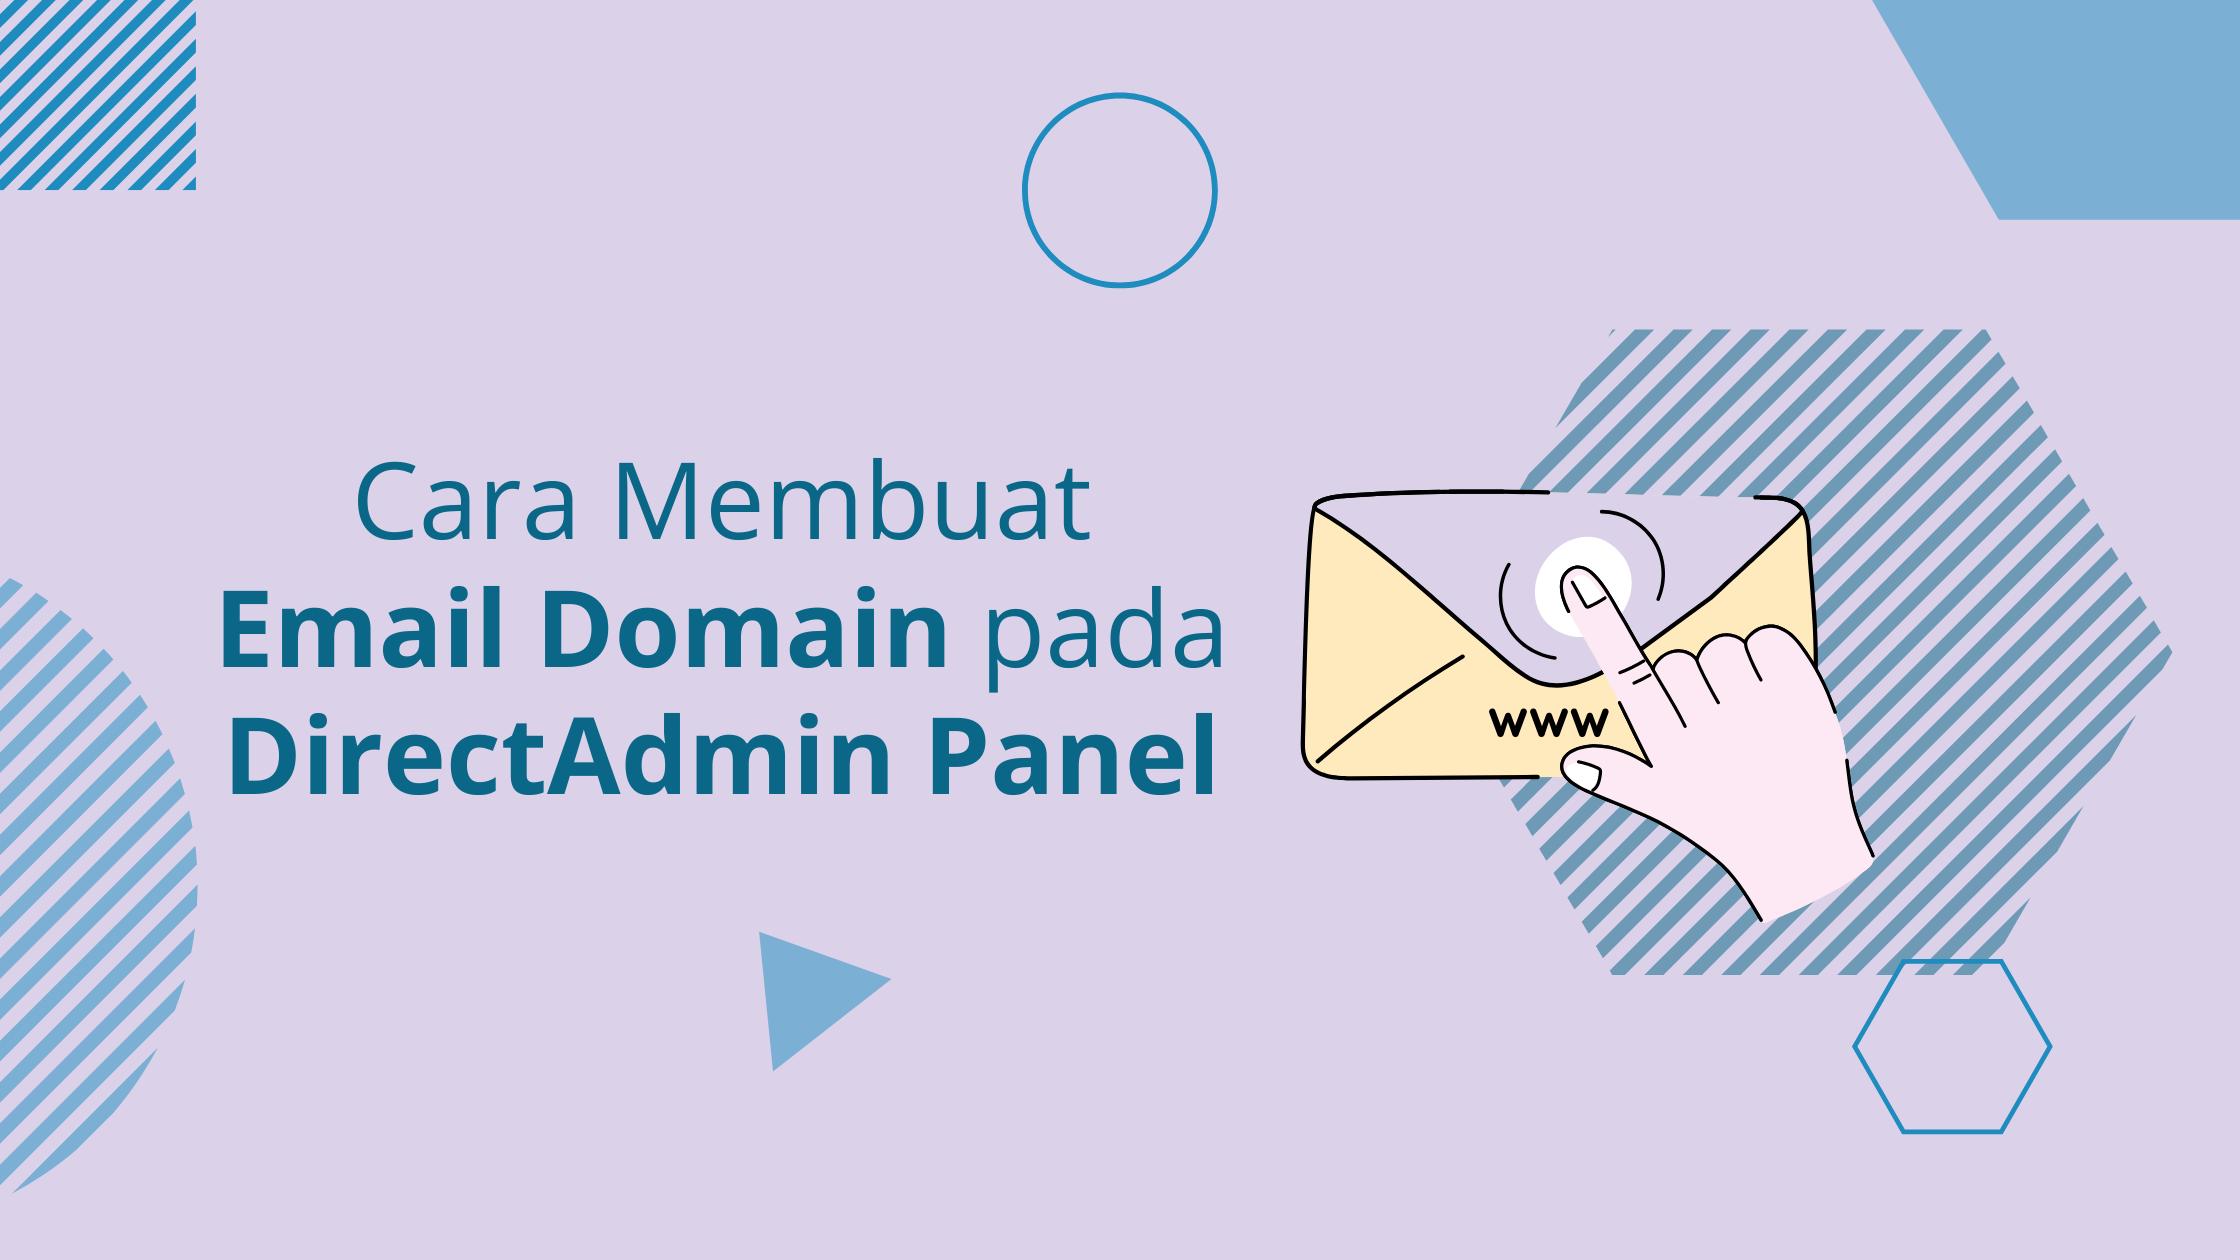 Cara Membuat Email Domain pada DirectAdmin Panel